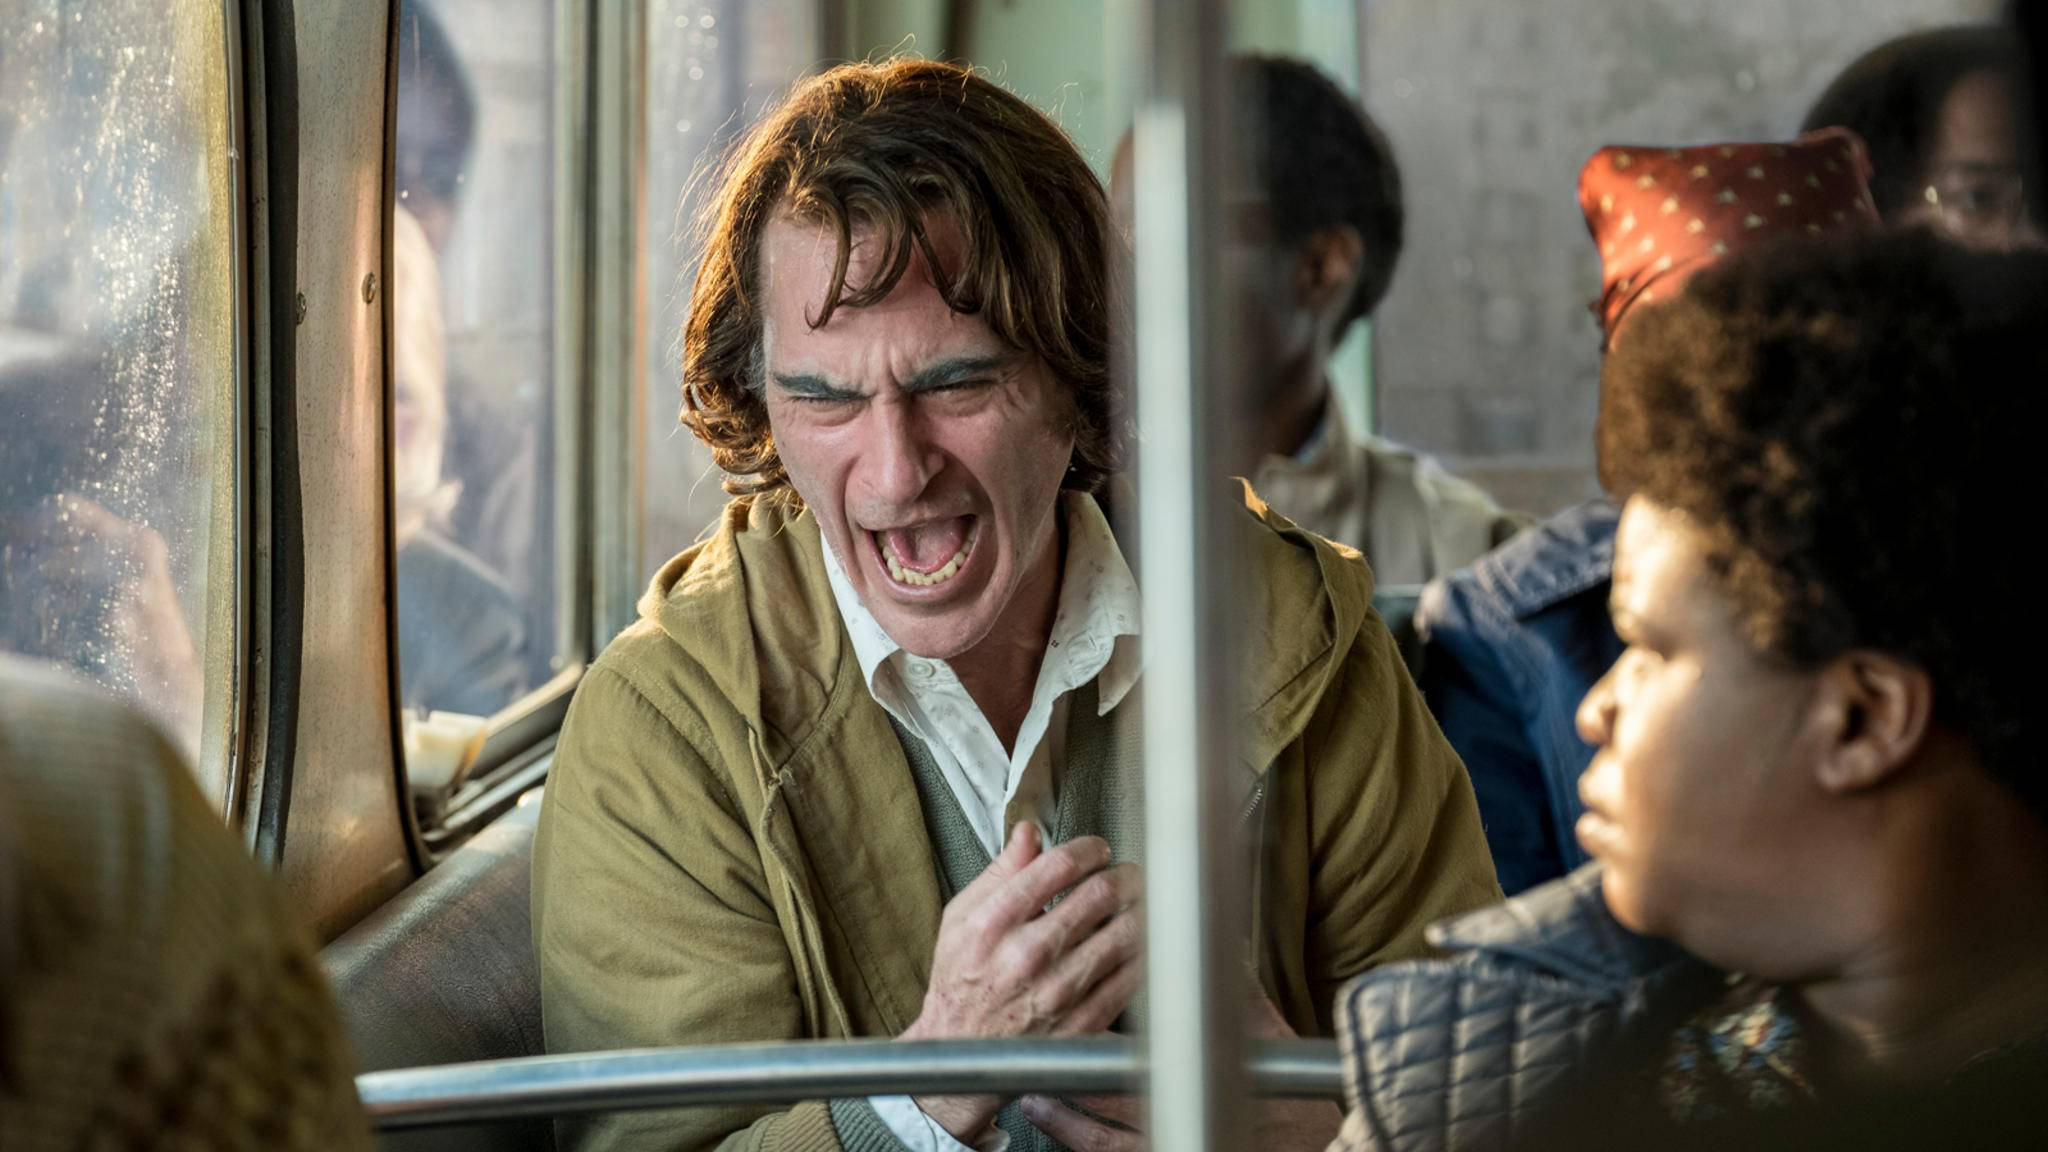 """Mach ich's oder lieber nicht? Joaquin Phoenix war angesichts der """"Joker""""-Hauptrolle zunächst hin und her gerissen."""